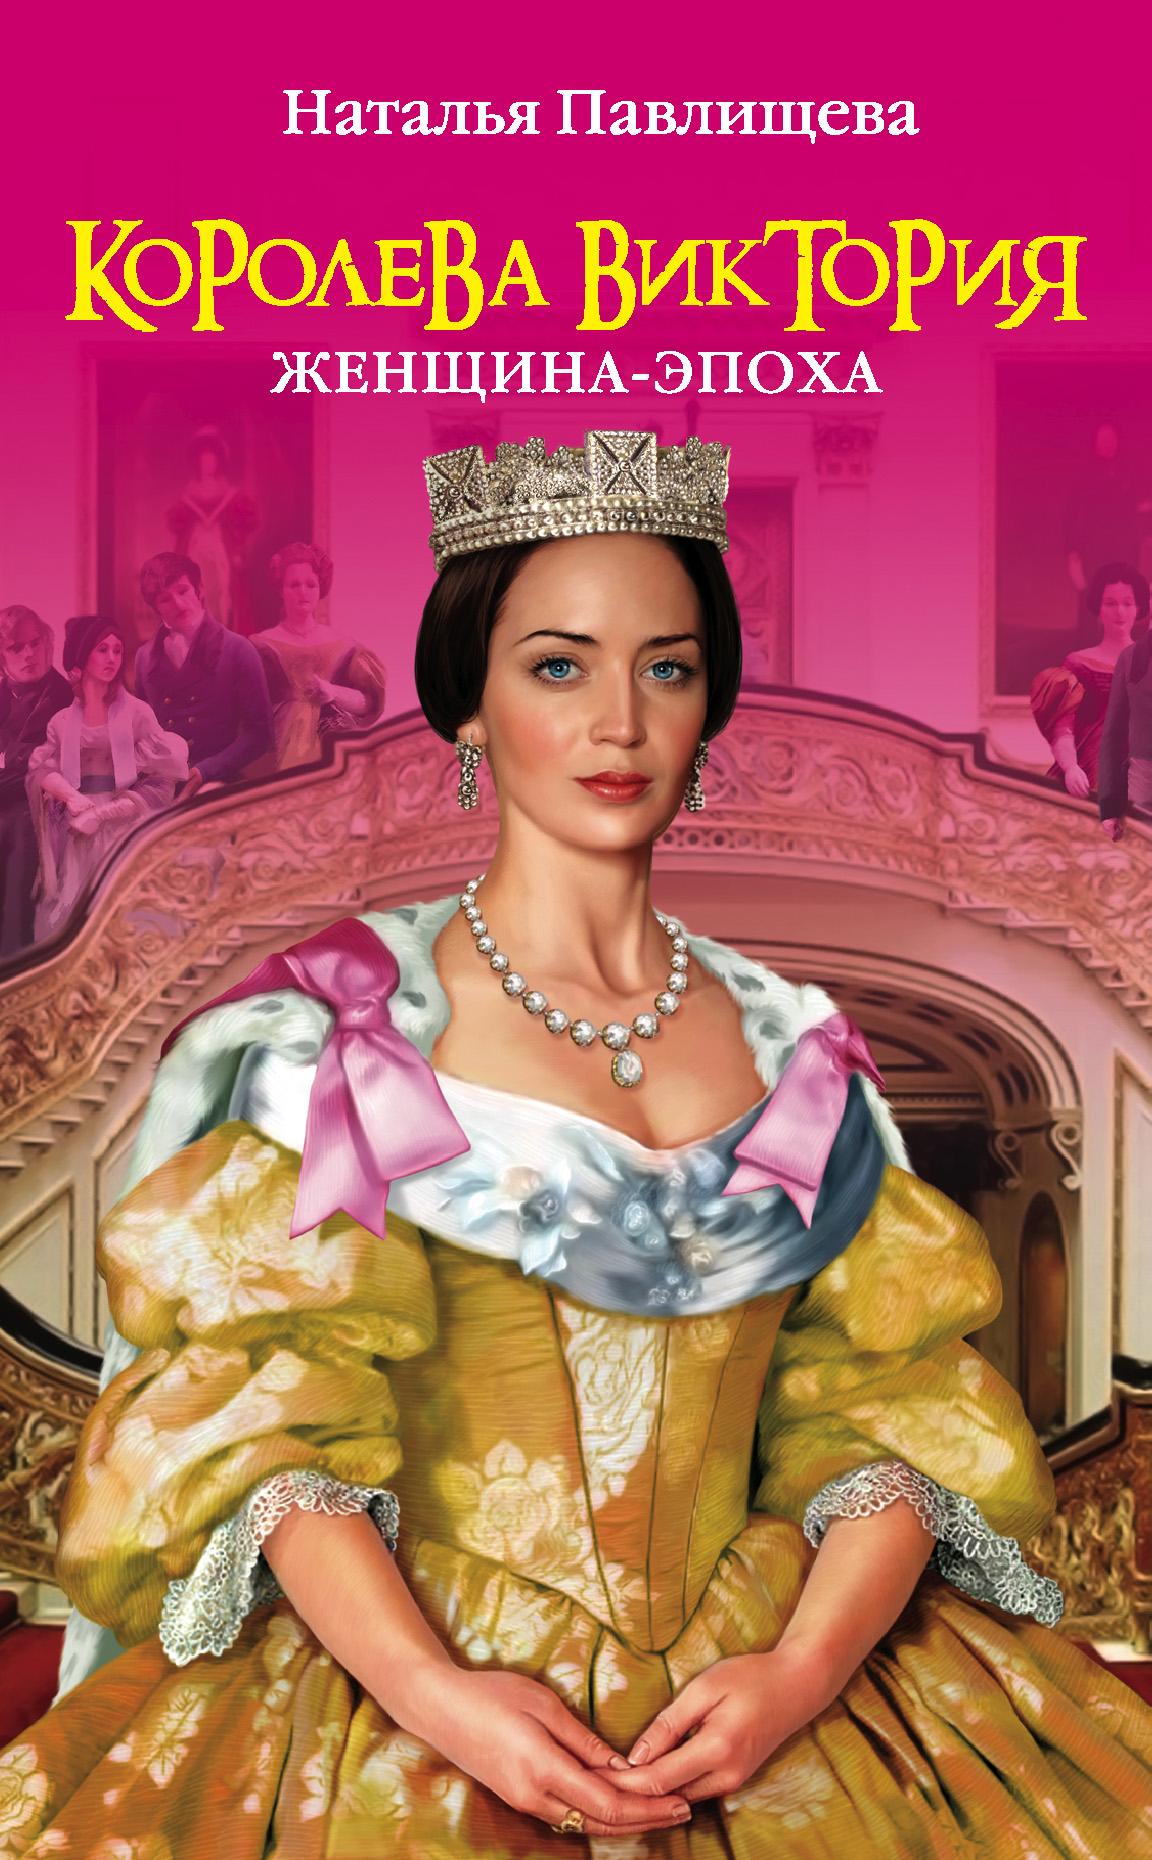 Королева Виктория. Женщина-эпоха ( Наталья Павлищева  )